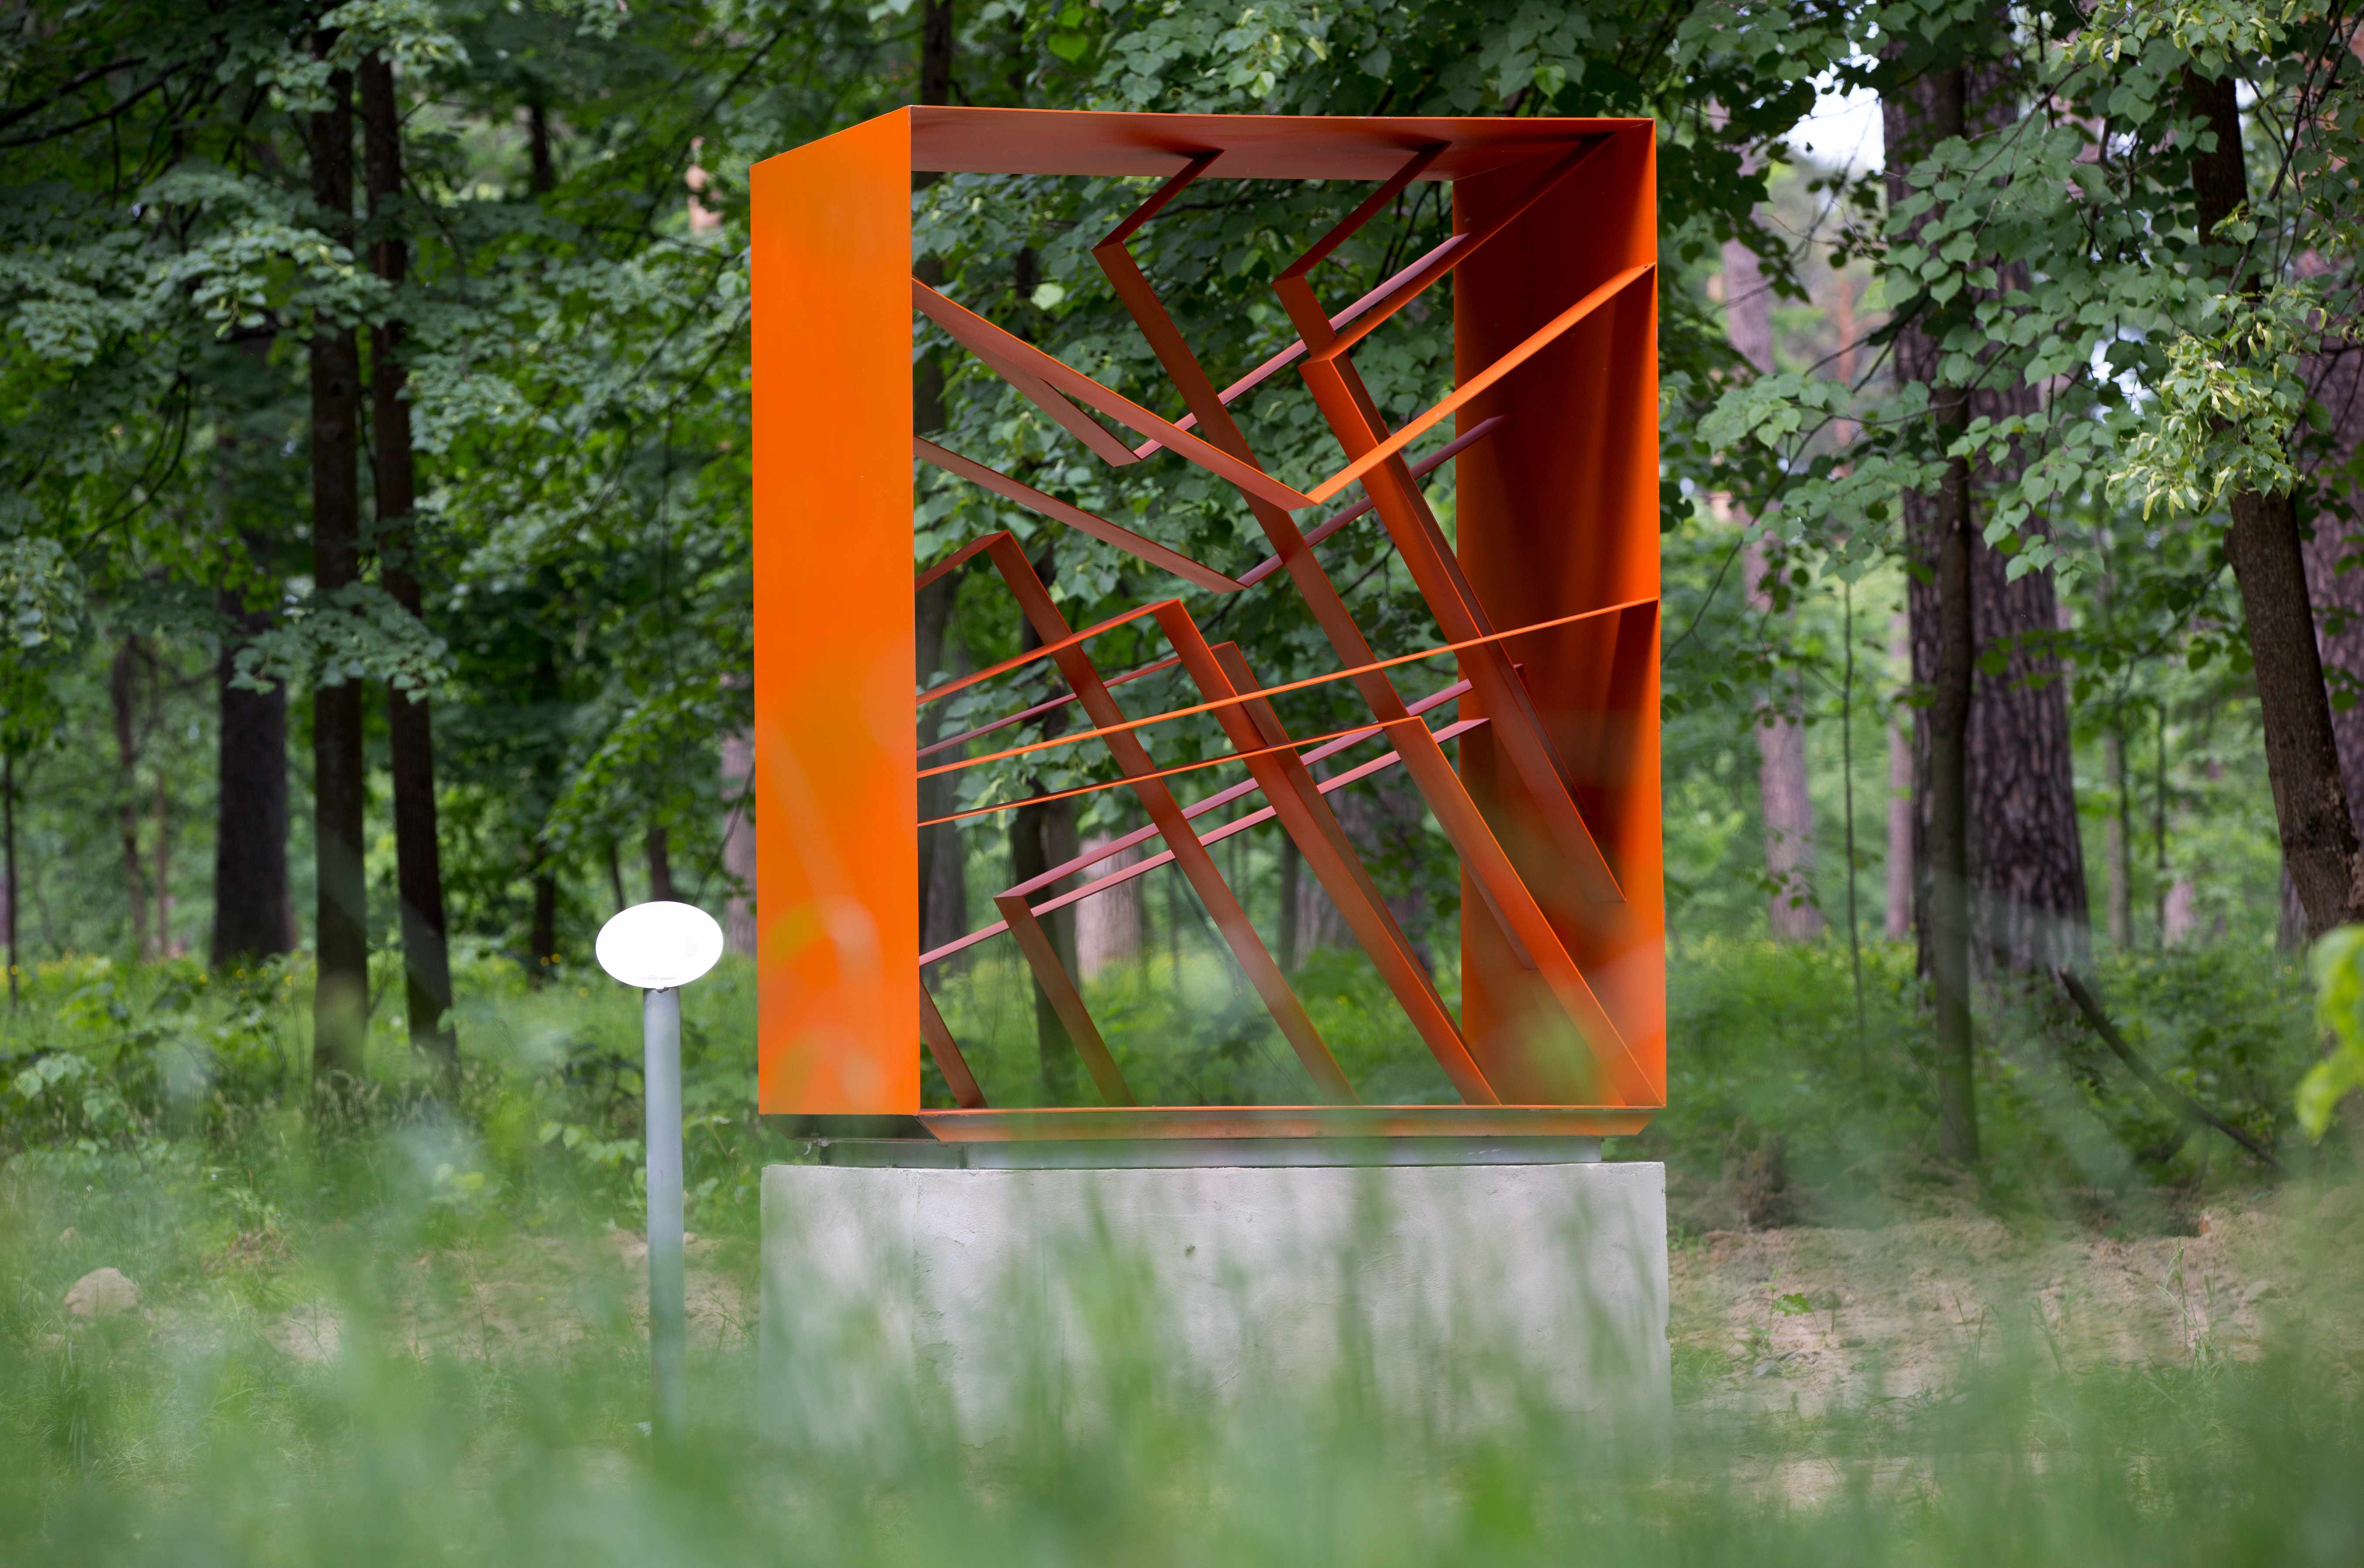 Introspective structure. Риккардо Мурелли. 2013